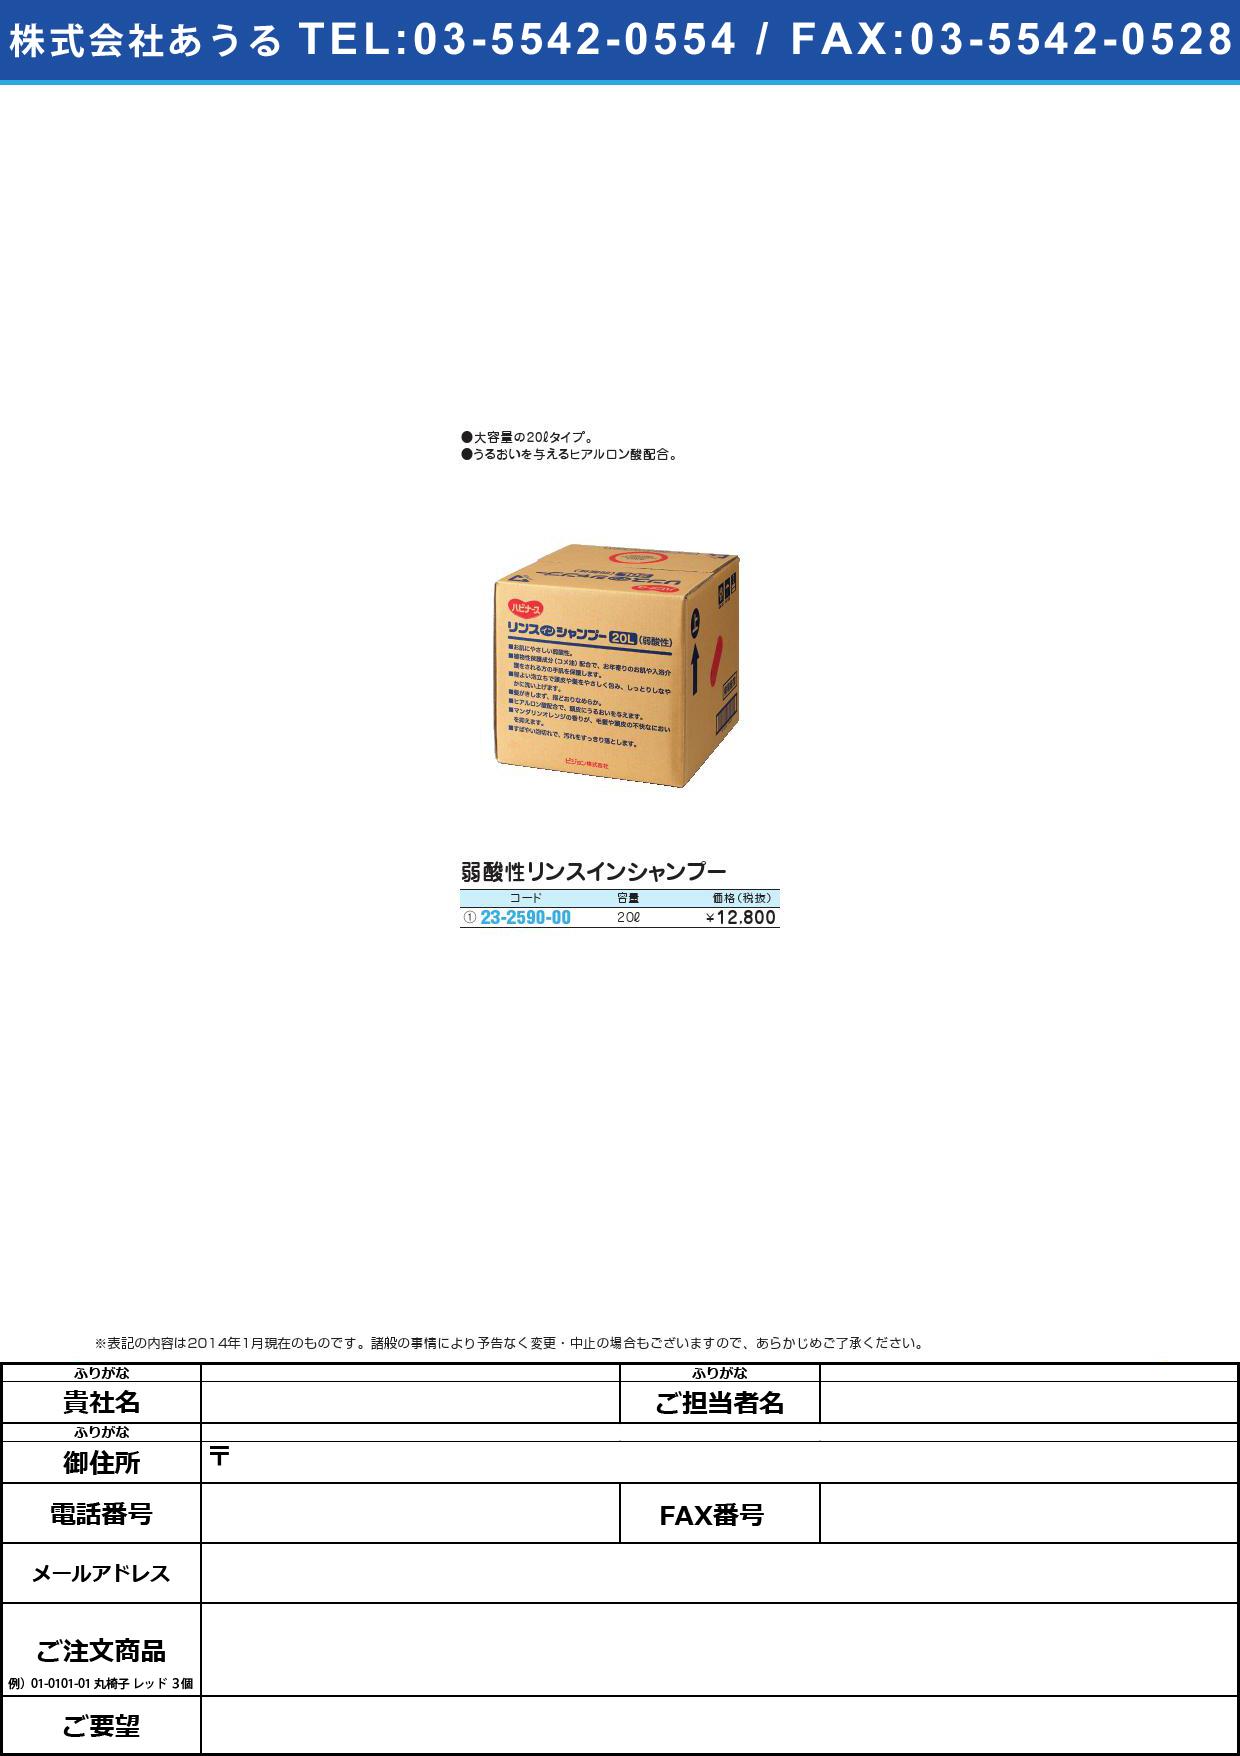 (23-2590-00)ハビナース リンスインシャンプー業務 ハビナースリンスインシャンプーギョ(23-2590-00)11906(20L)【1箱単位】【2014年カタログ商品】